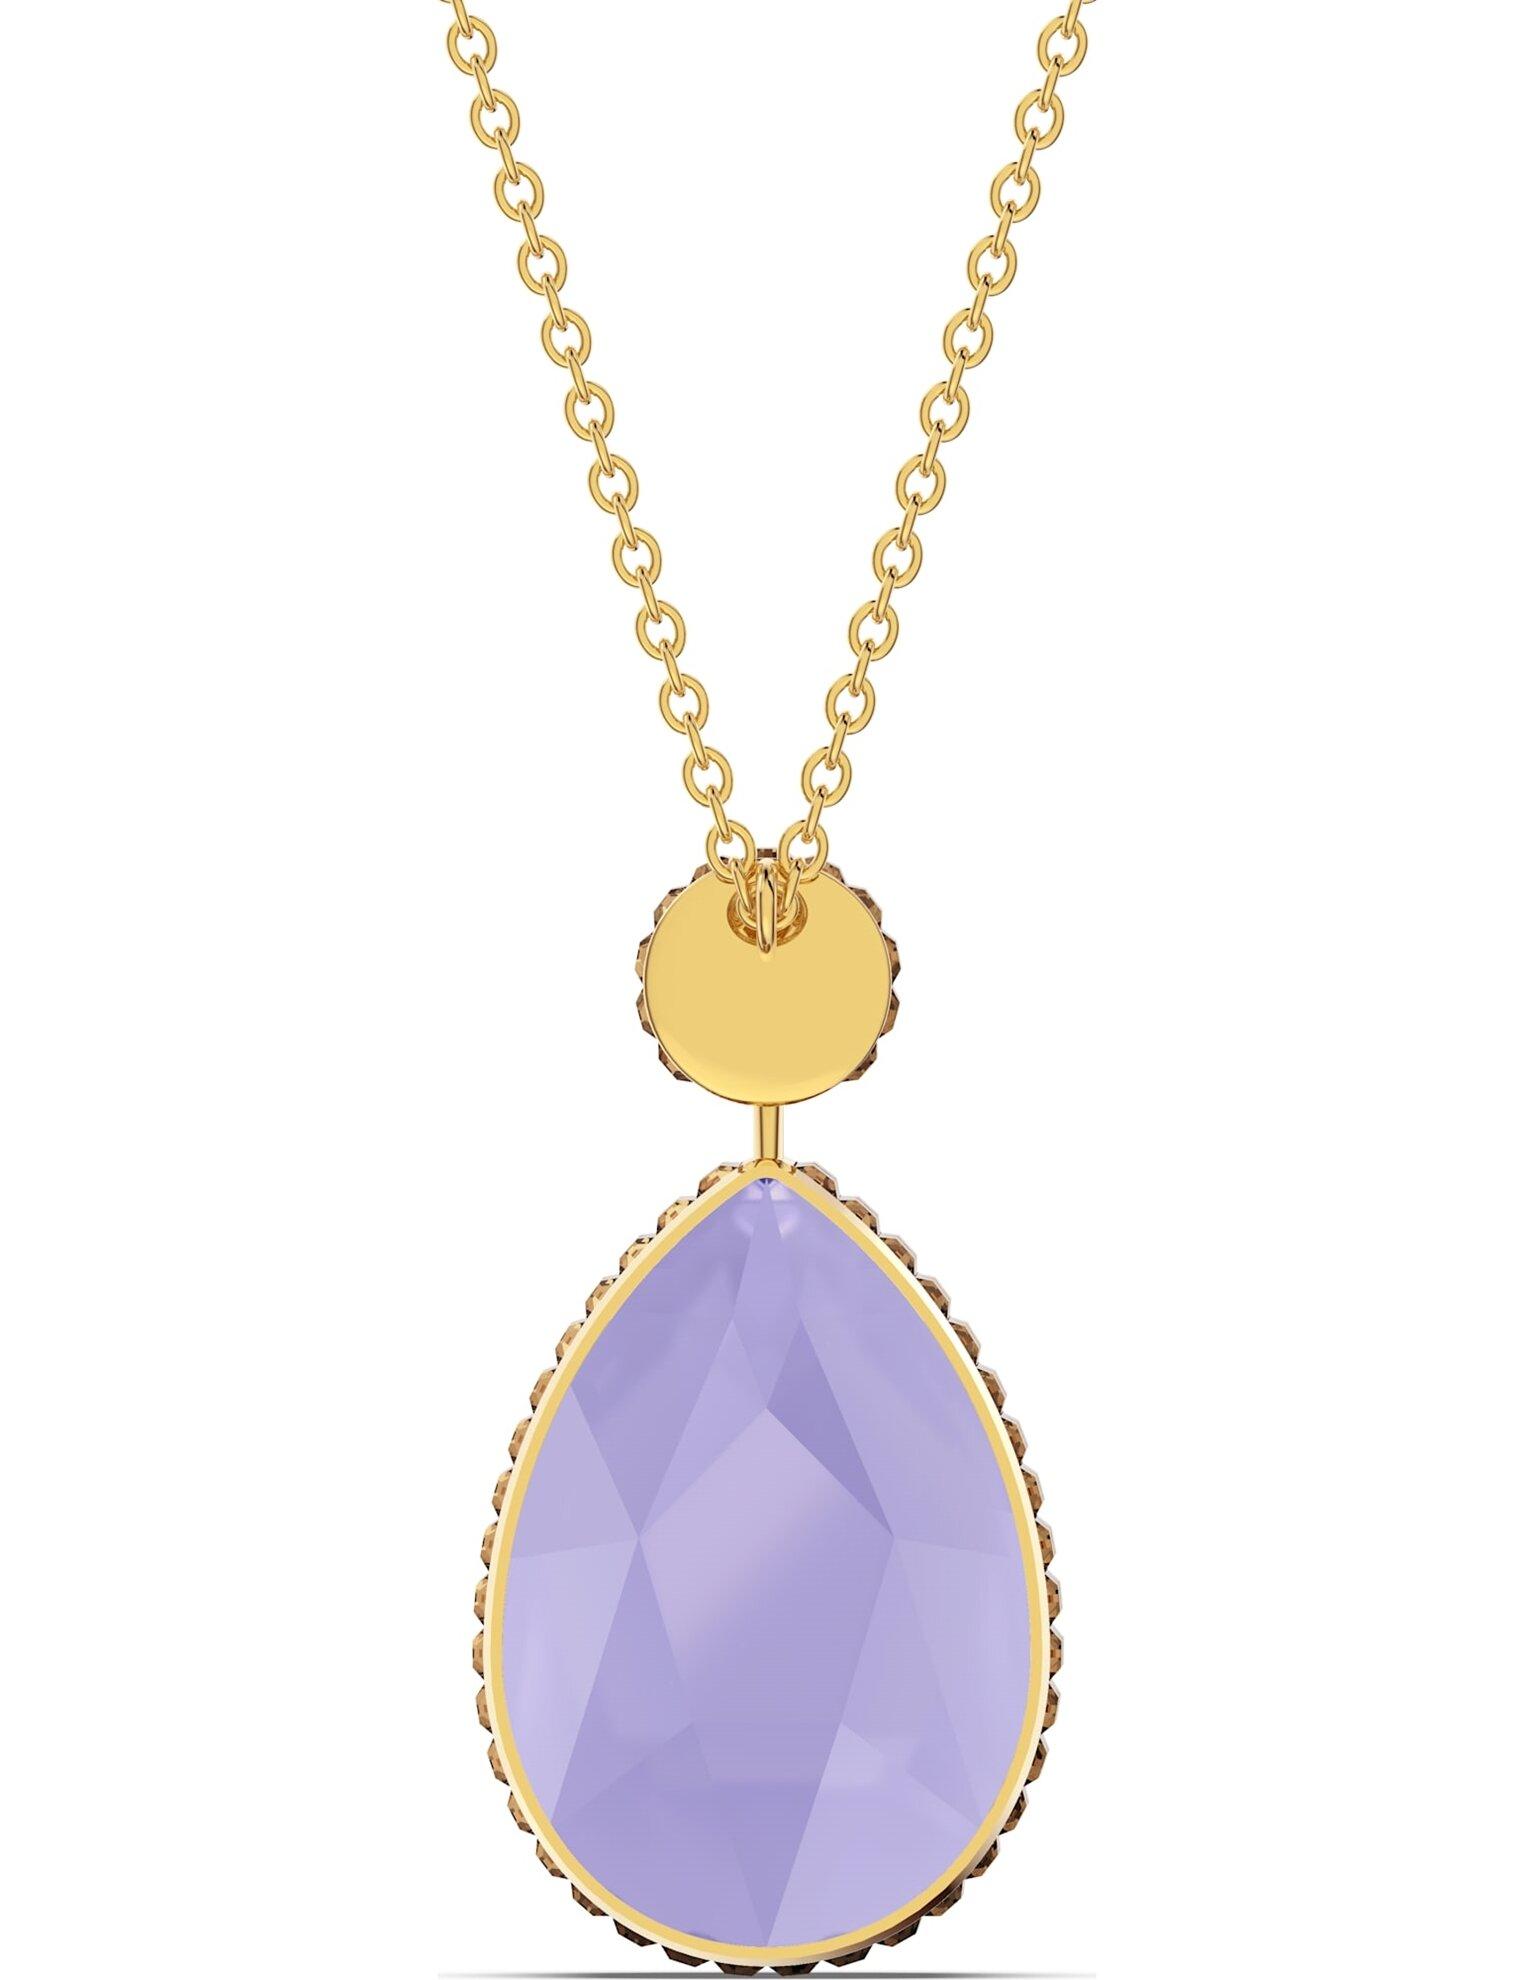 Picture of Orbita Kolye, Damla kesim kristal, Çok renkli, Altın rengi kaplama